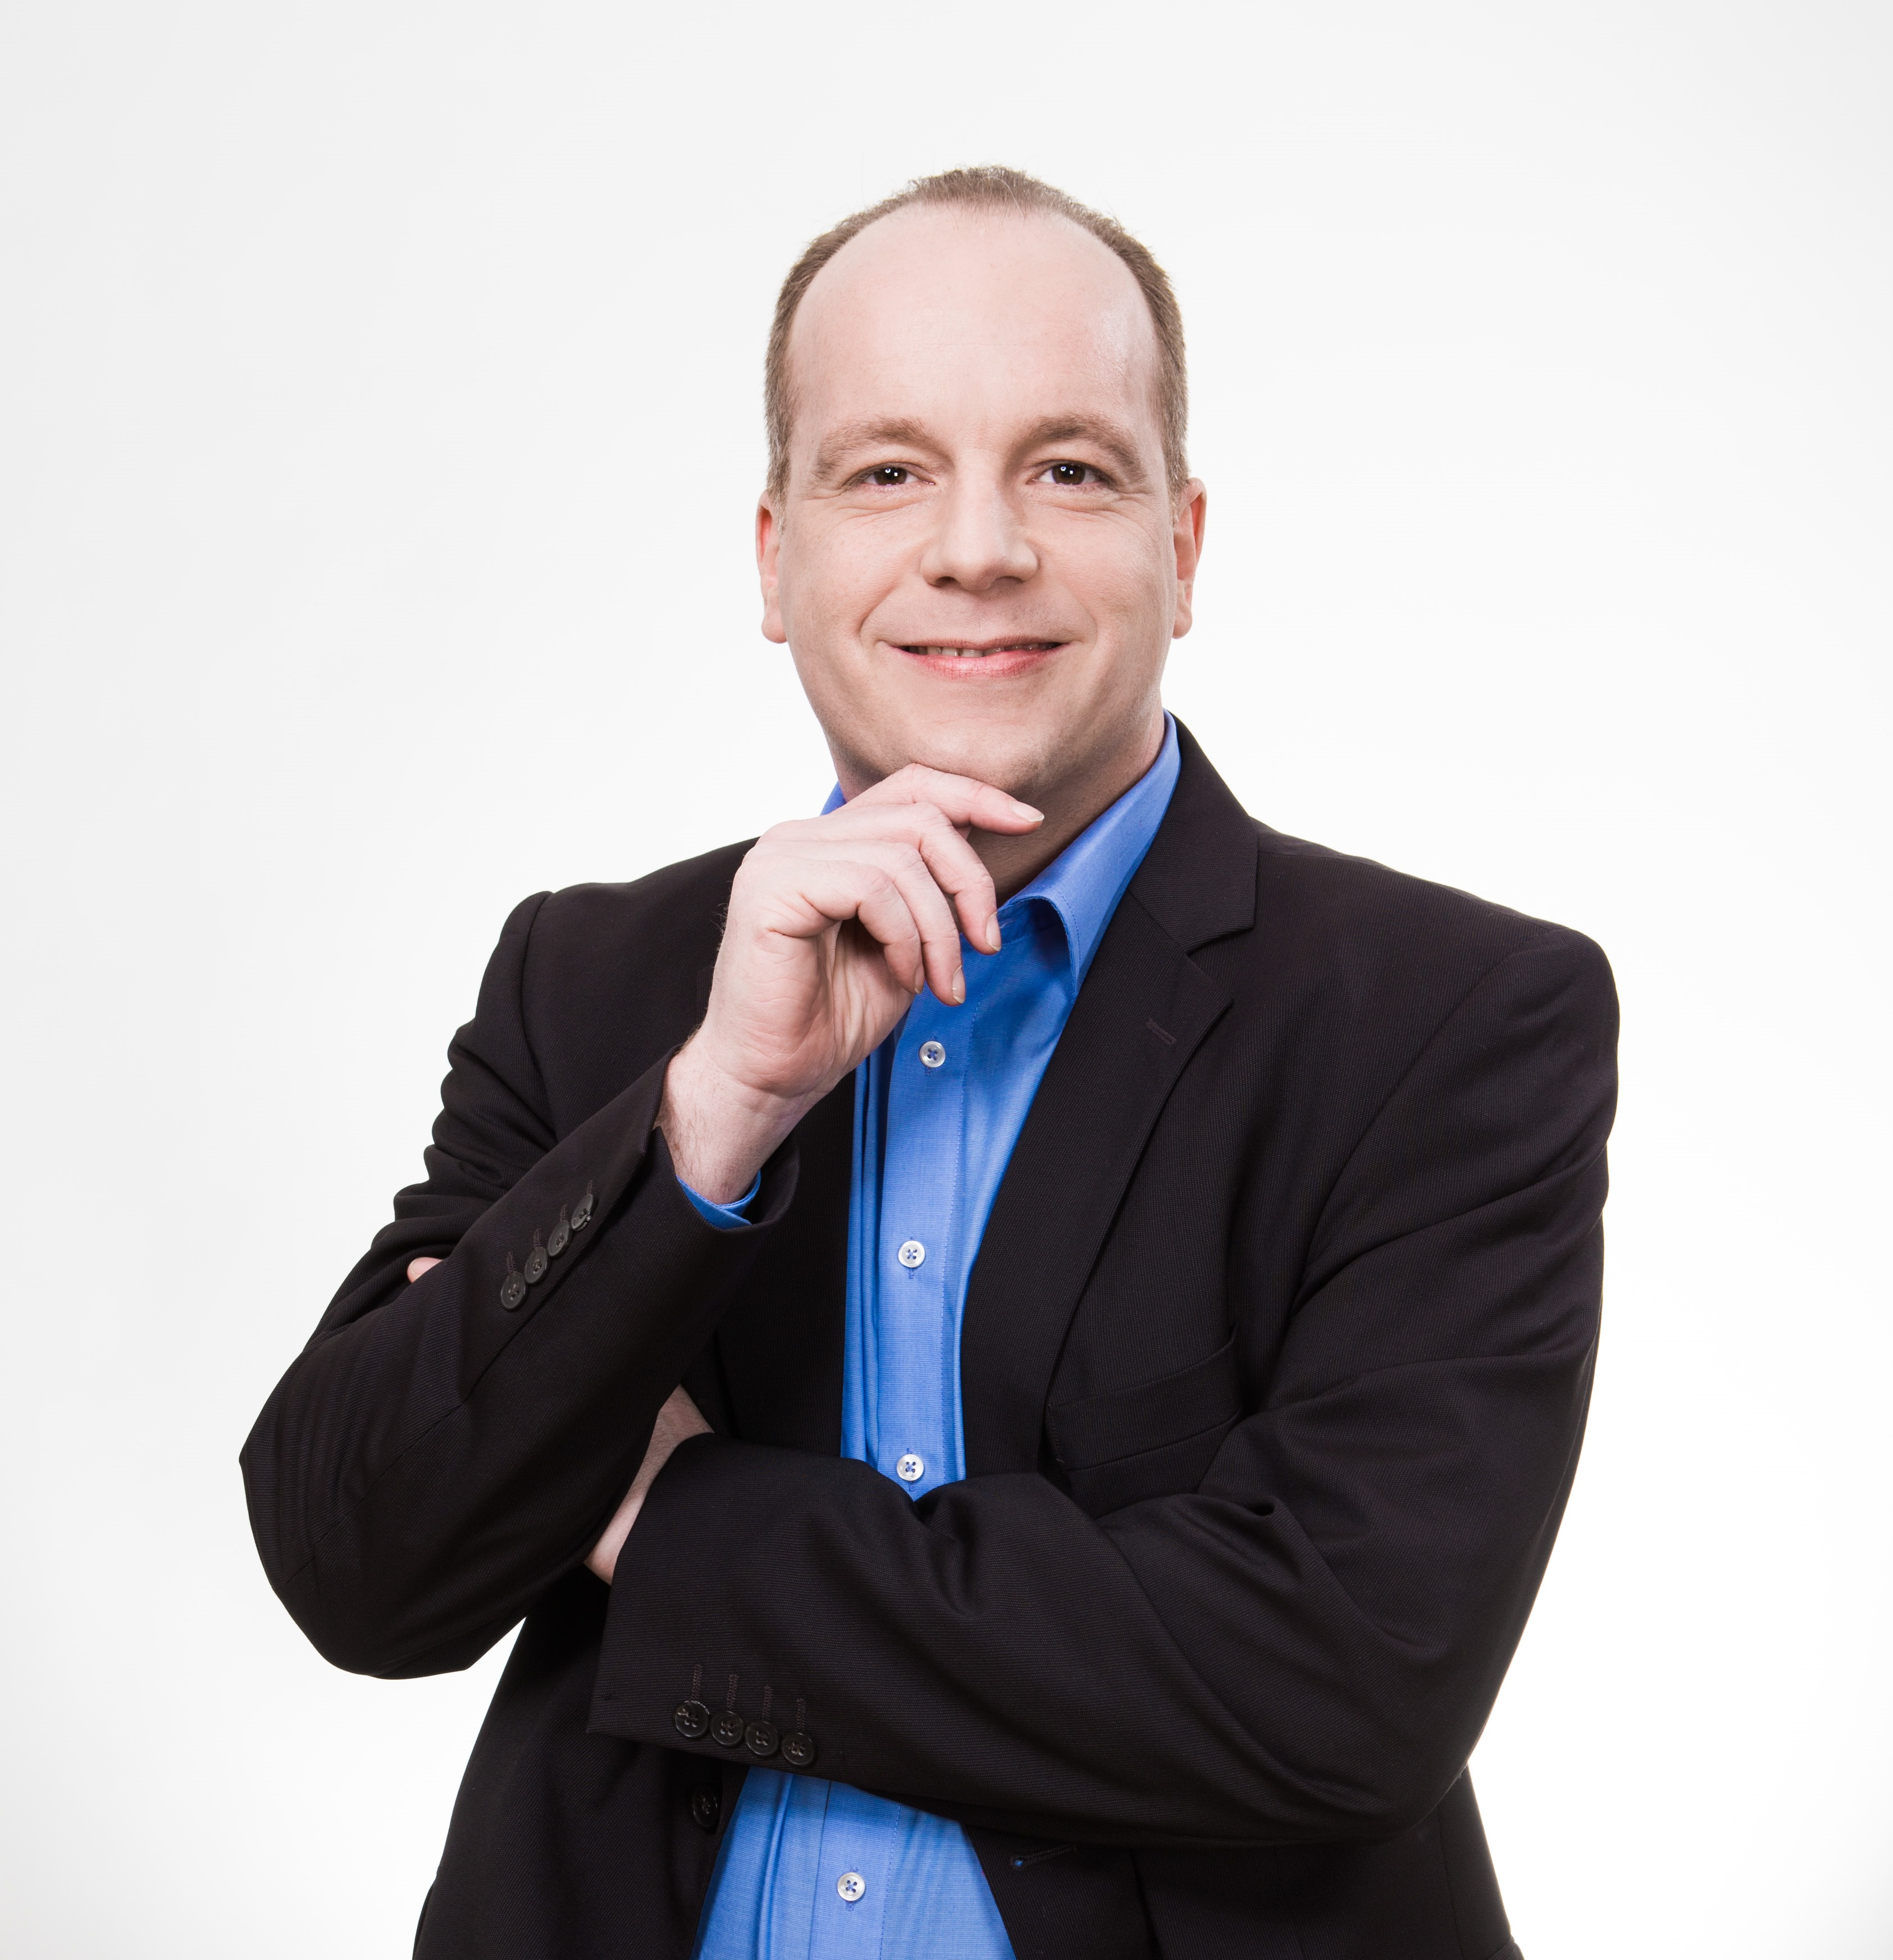 Andreas Görler